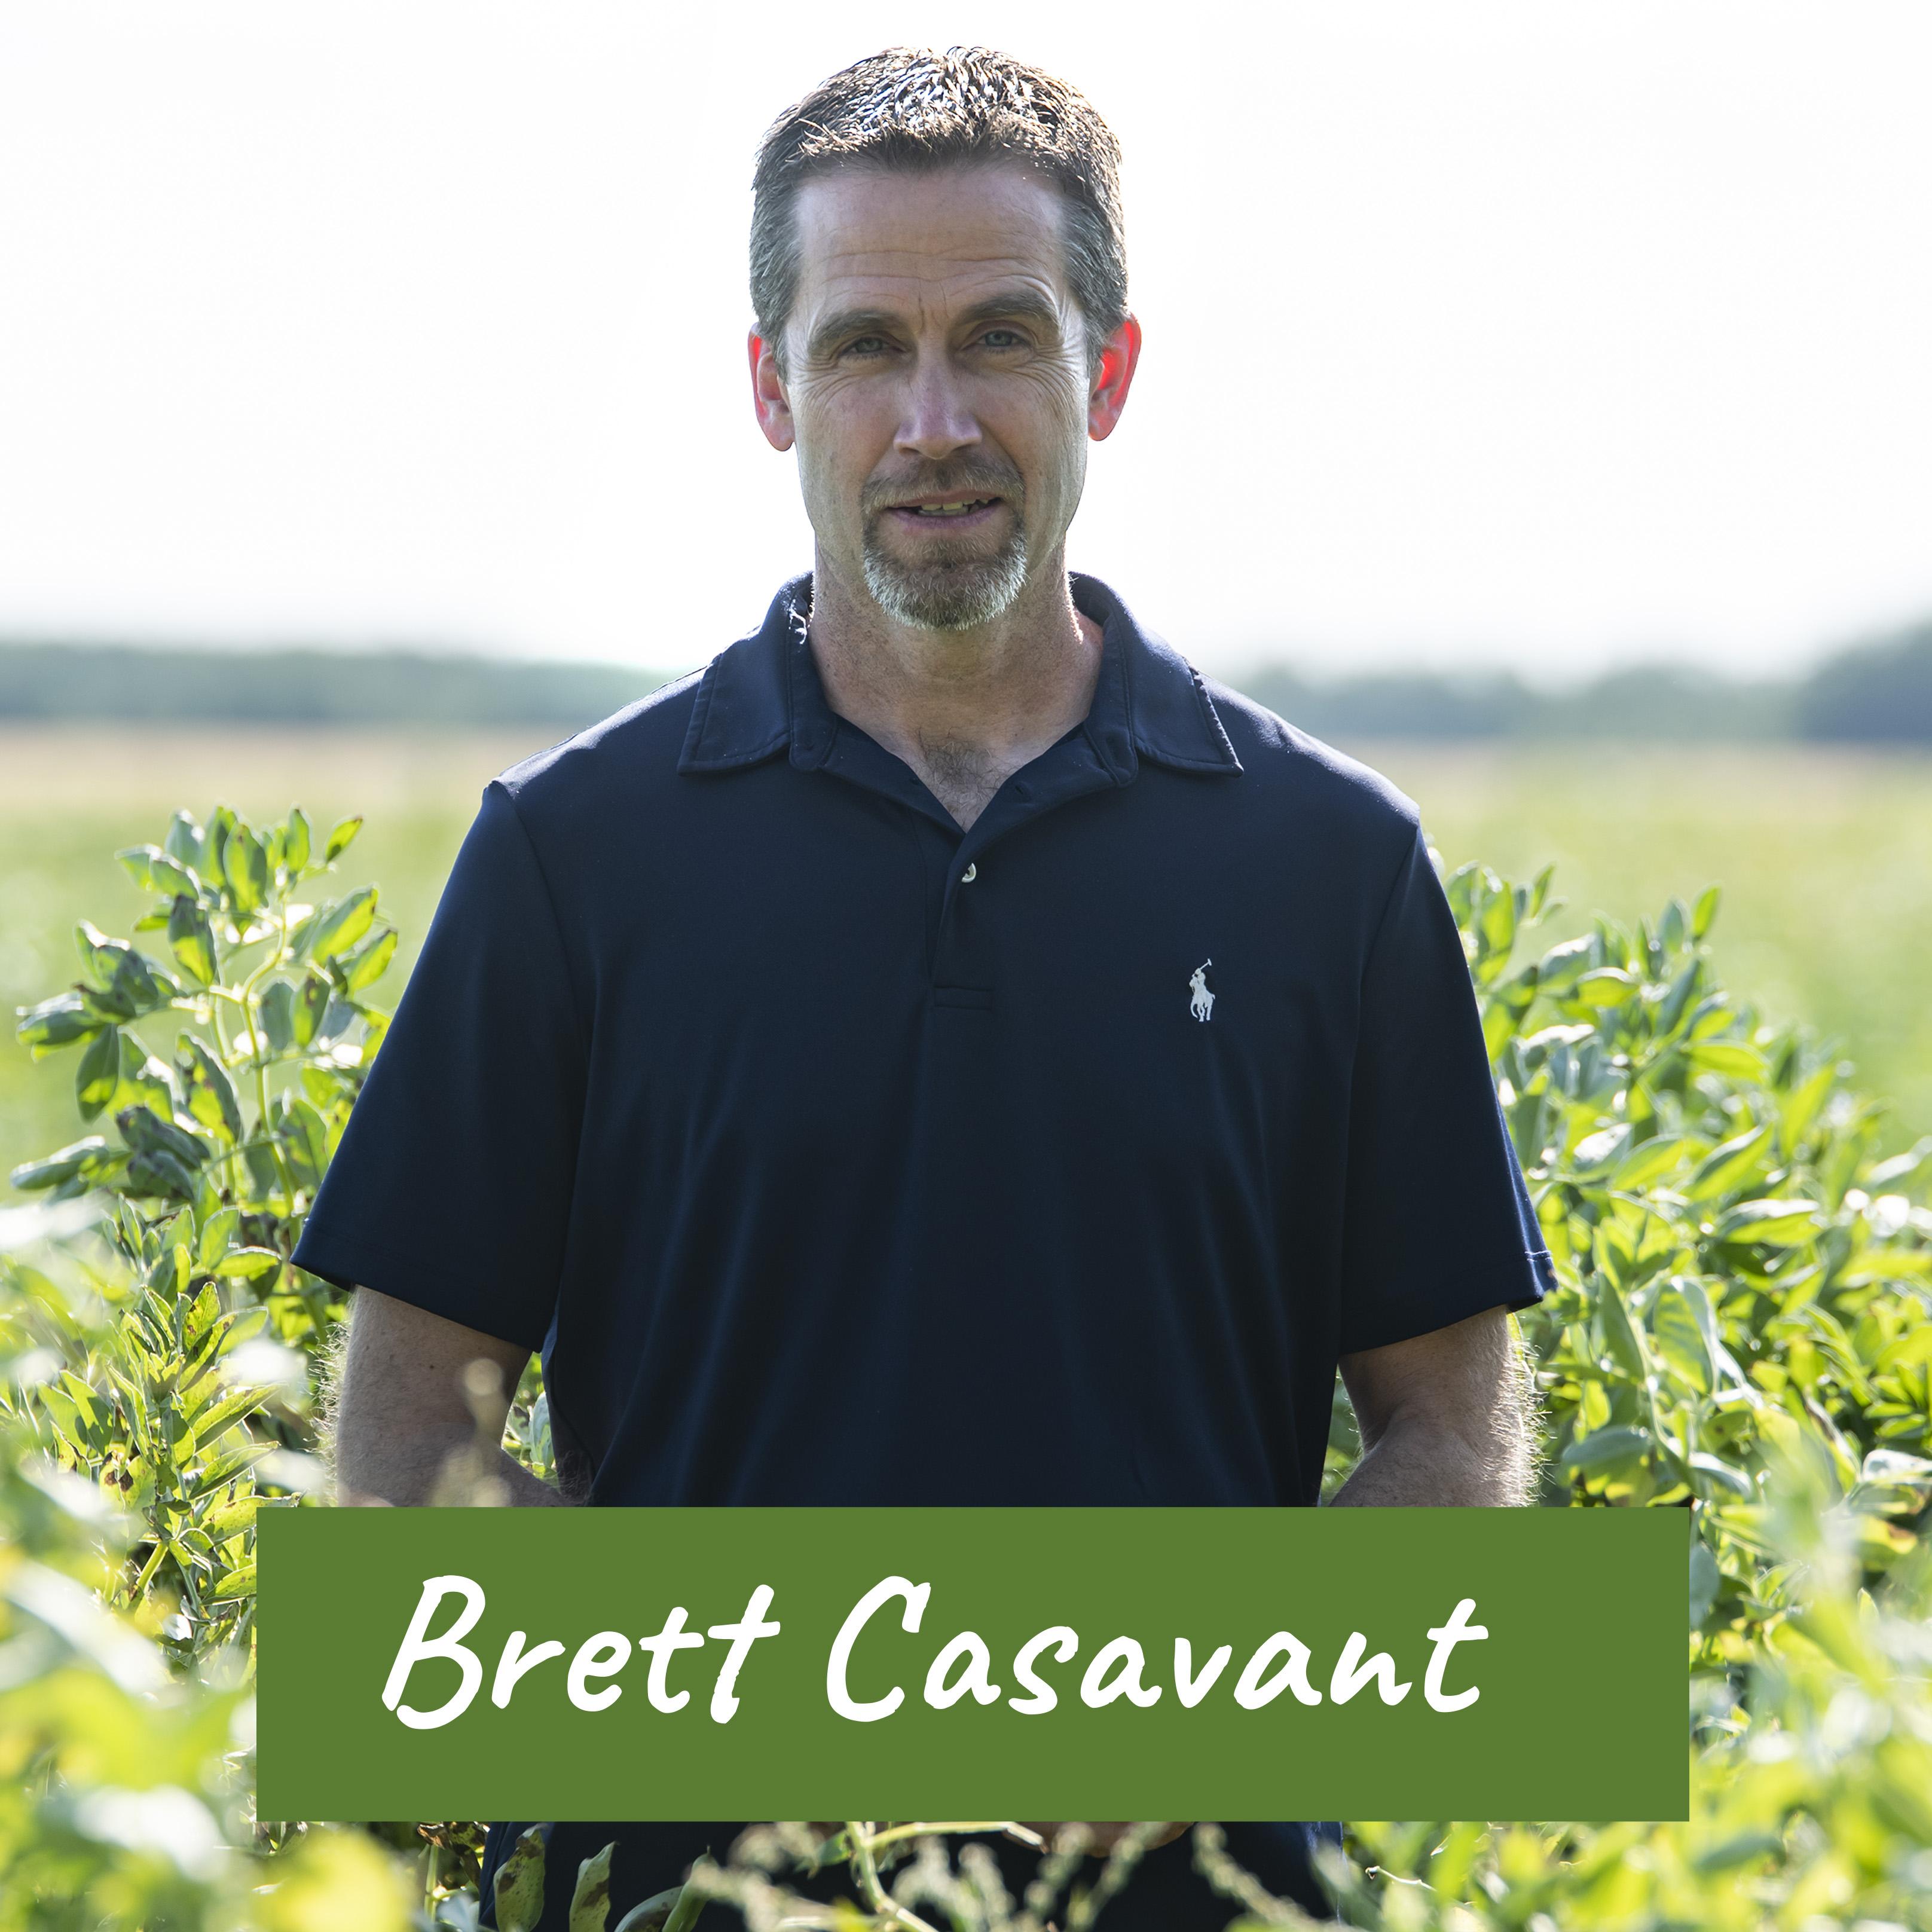 Brett Casavant